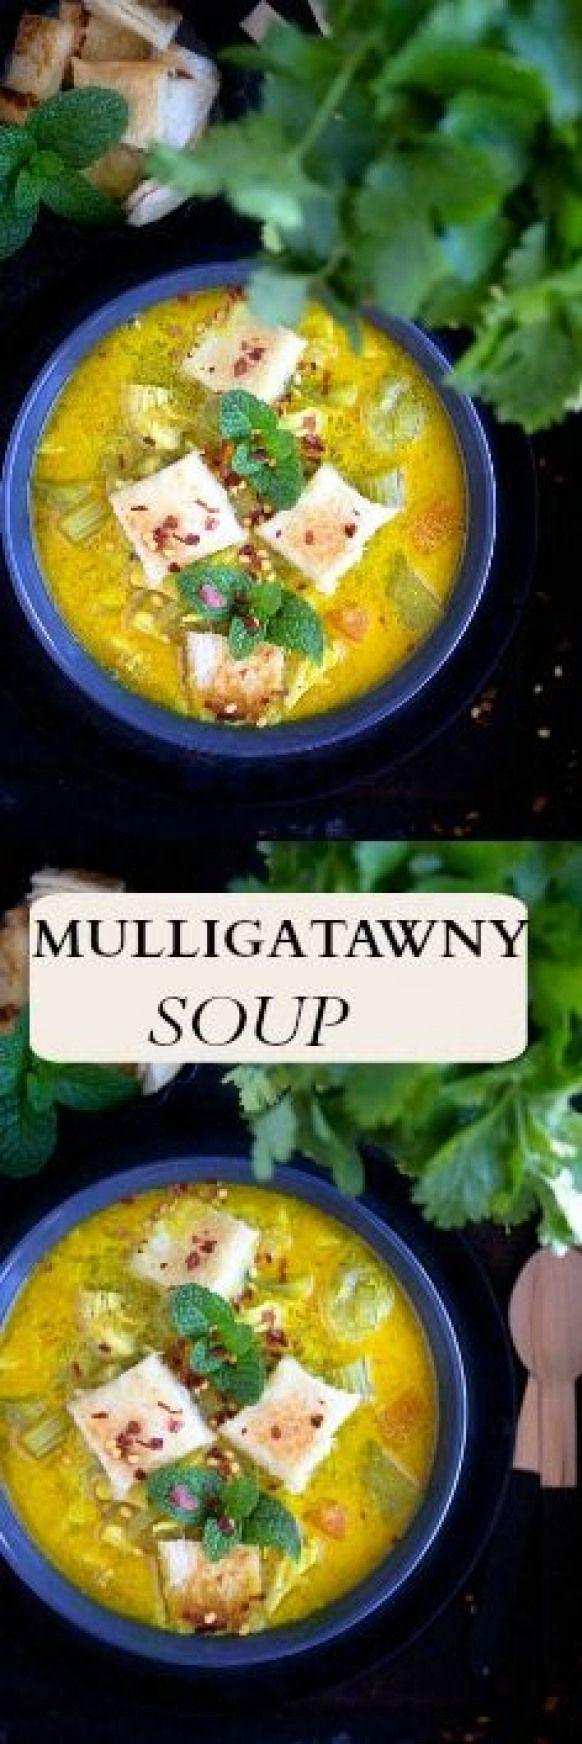 Mulligatawny soup. #indianfood #indiansoup #mulligatawnysoup #worldcuisine #world #cuisine #photography #mulligatawnysoup Mulligatawny soup. #indianfood #indiansoup #mulligatawnysoup #worldcuisine #world #cuisine #photography #mulligatawnysoup